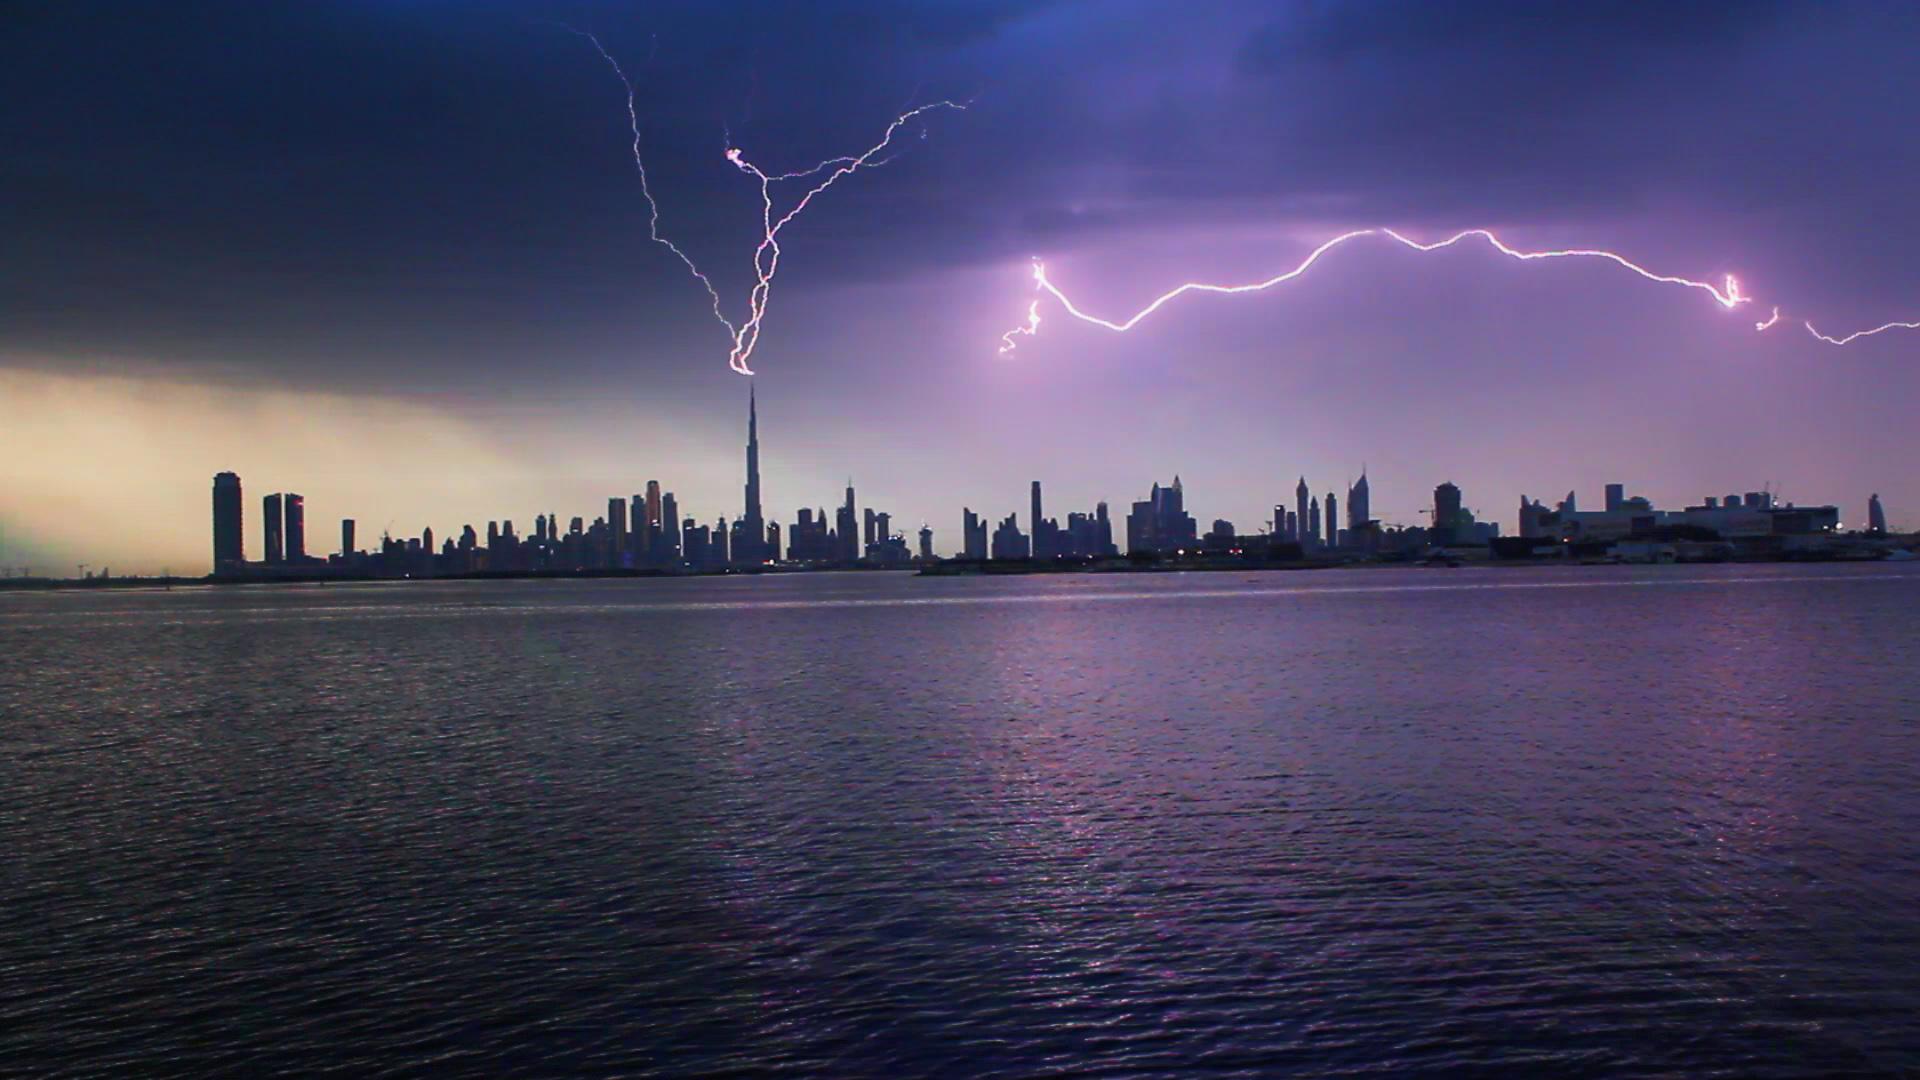 Burj Khalifa lightning conductor